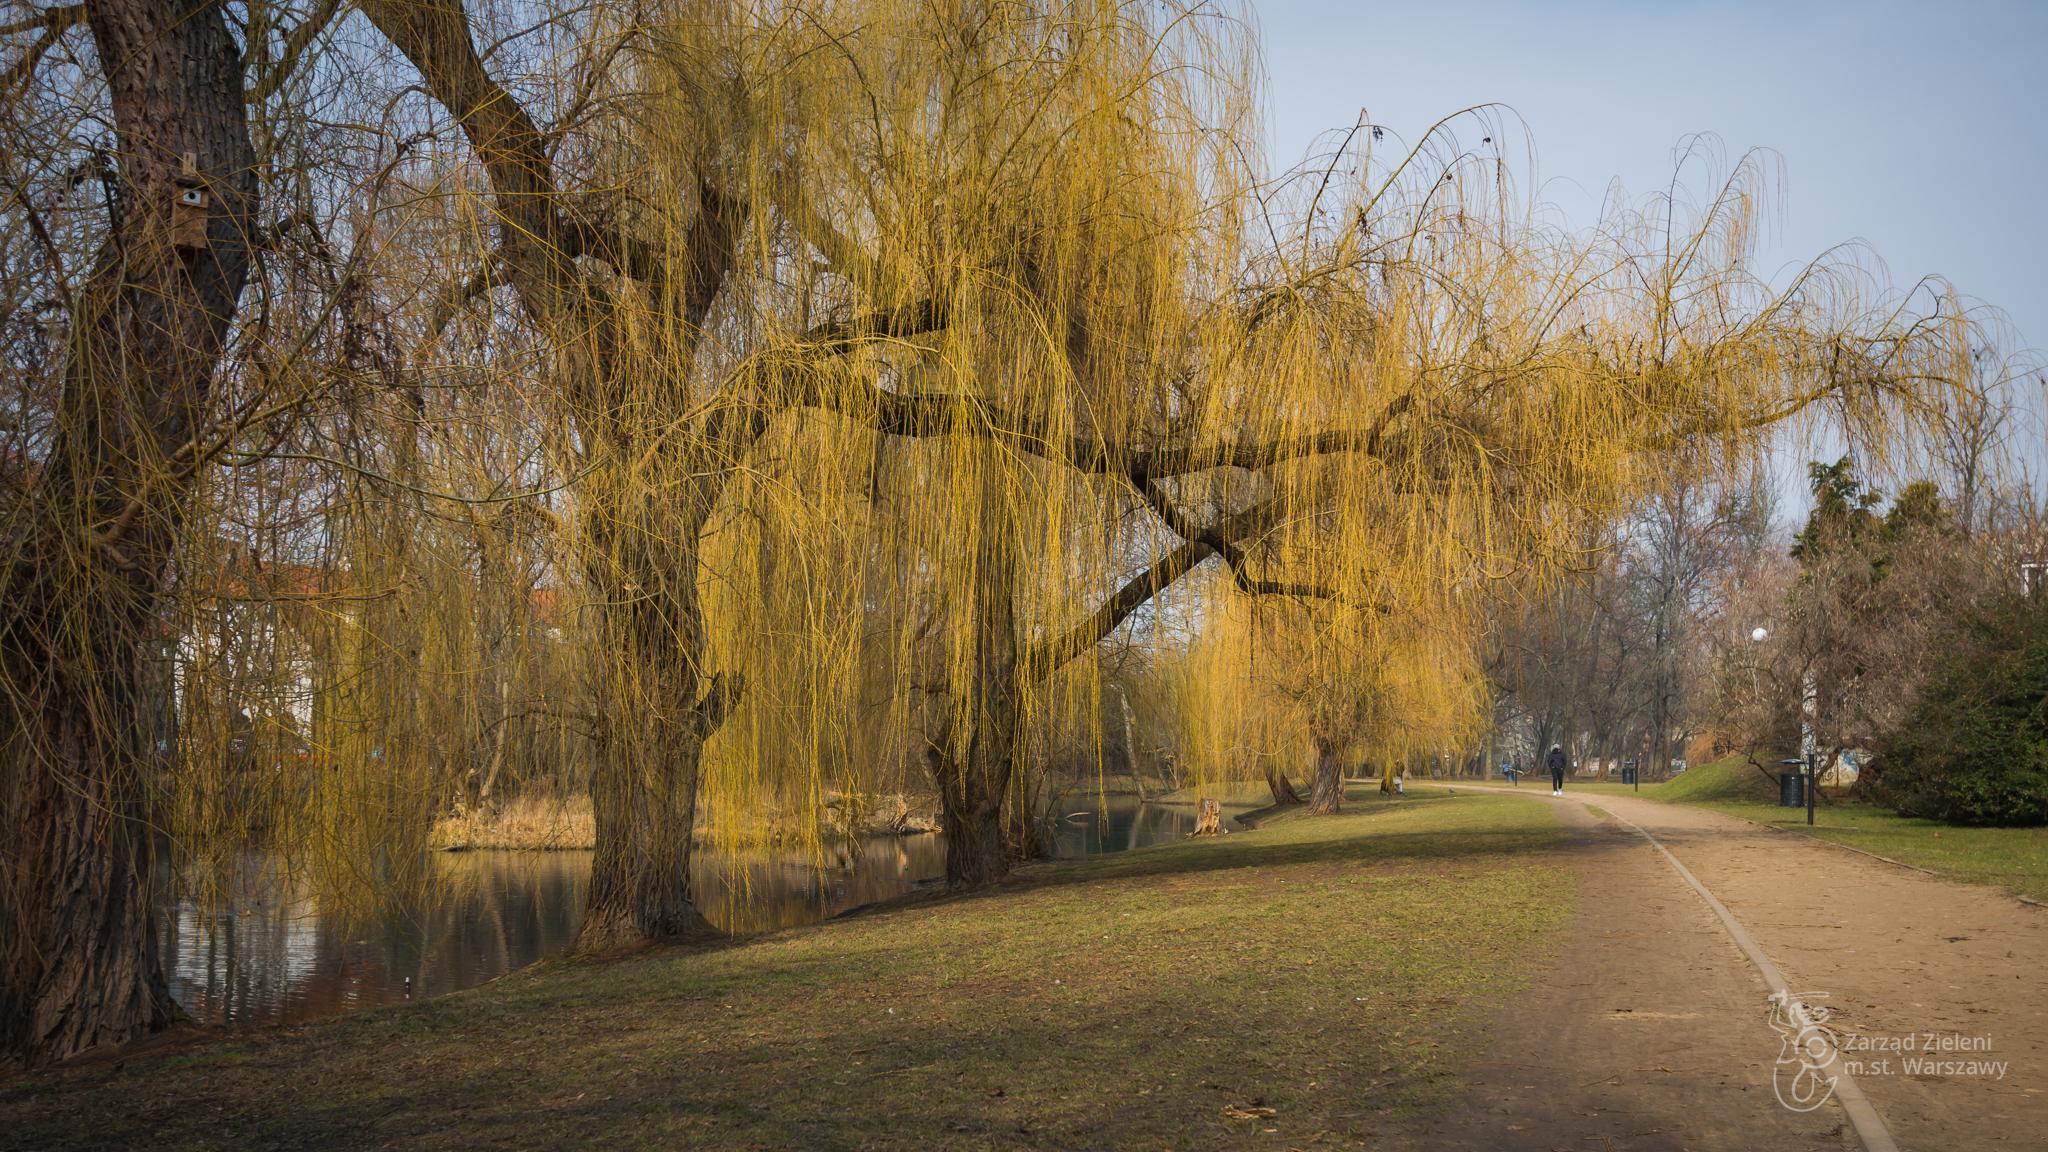 Wierzby i alejka w Parku Sieleckim